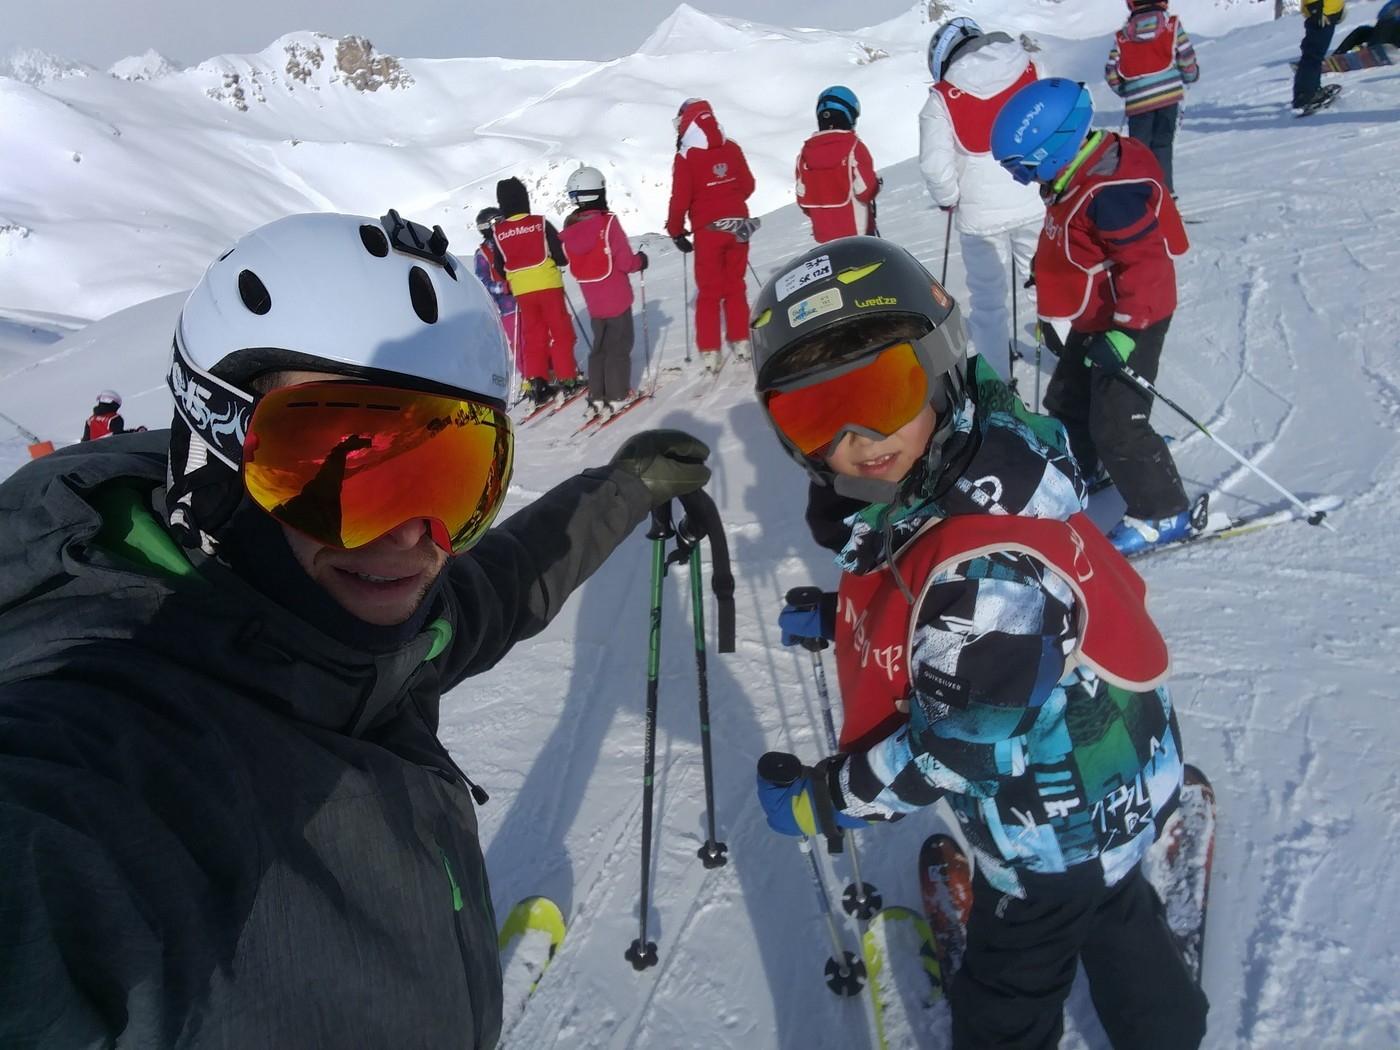 קלאב מד סקי עם ילדים